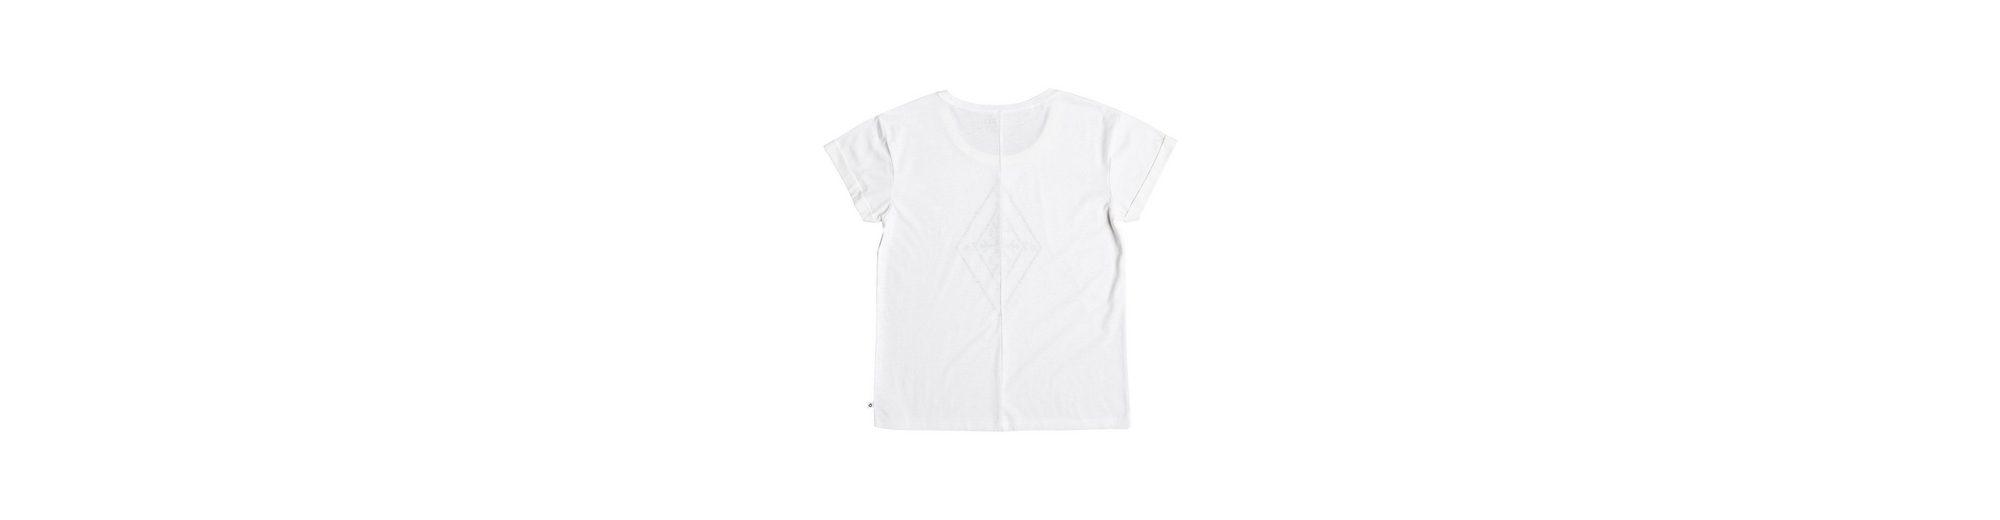 Freies Verschiffen Billig Qualität Konstrukteur Roxy T-Shirt Alex Palm Tribal Voice Kaufen Sie Günstig Online Einkaufen BJsqQnBH